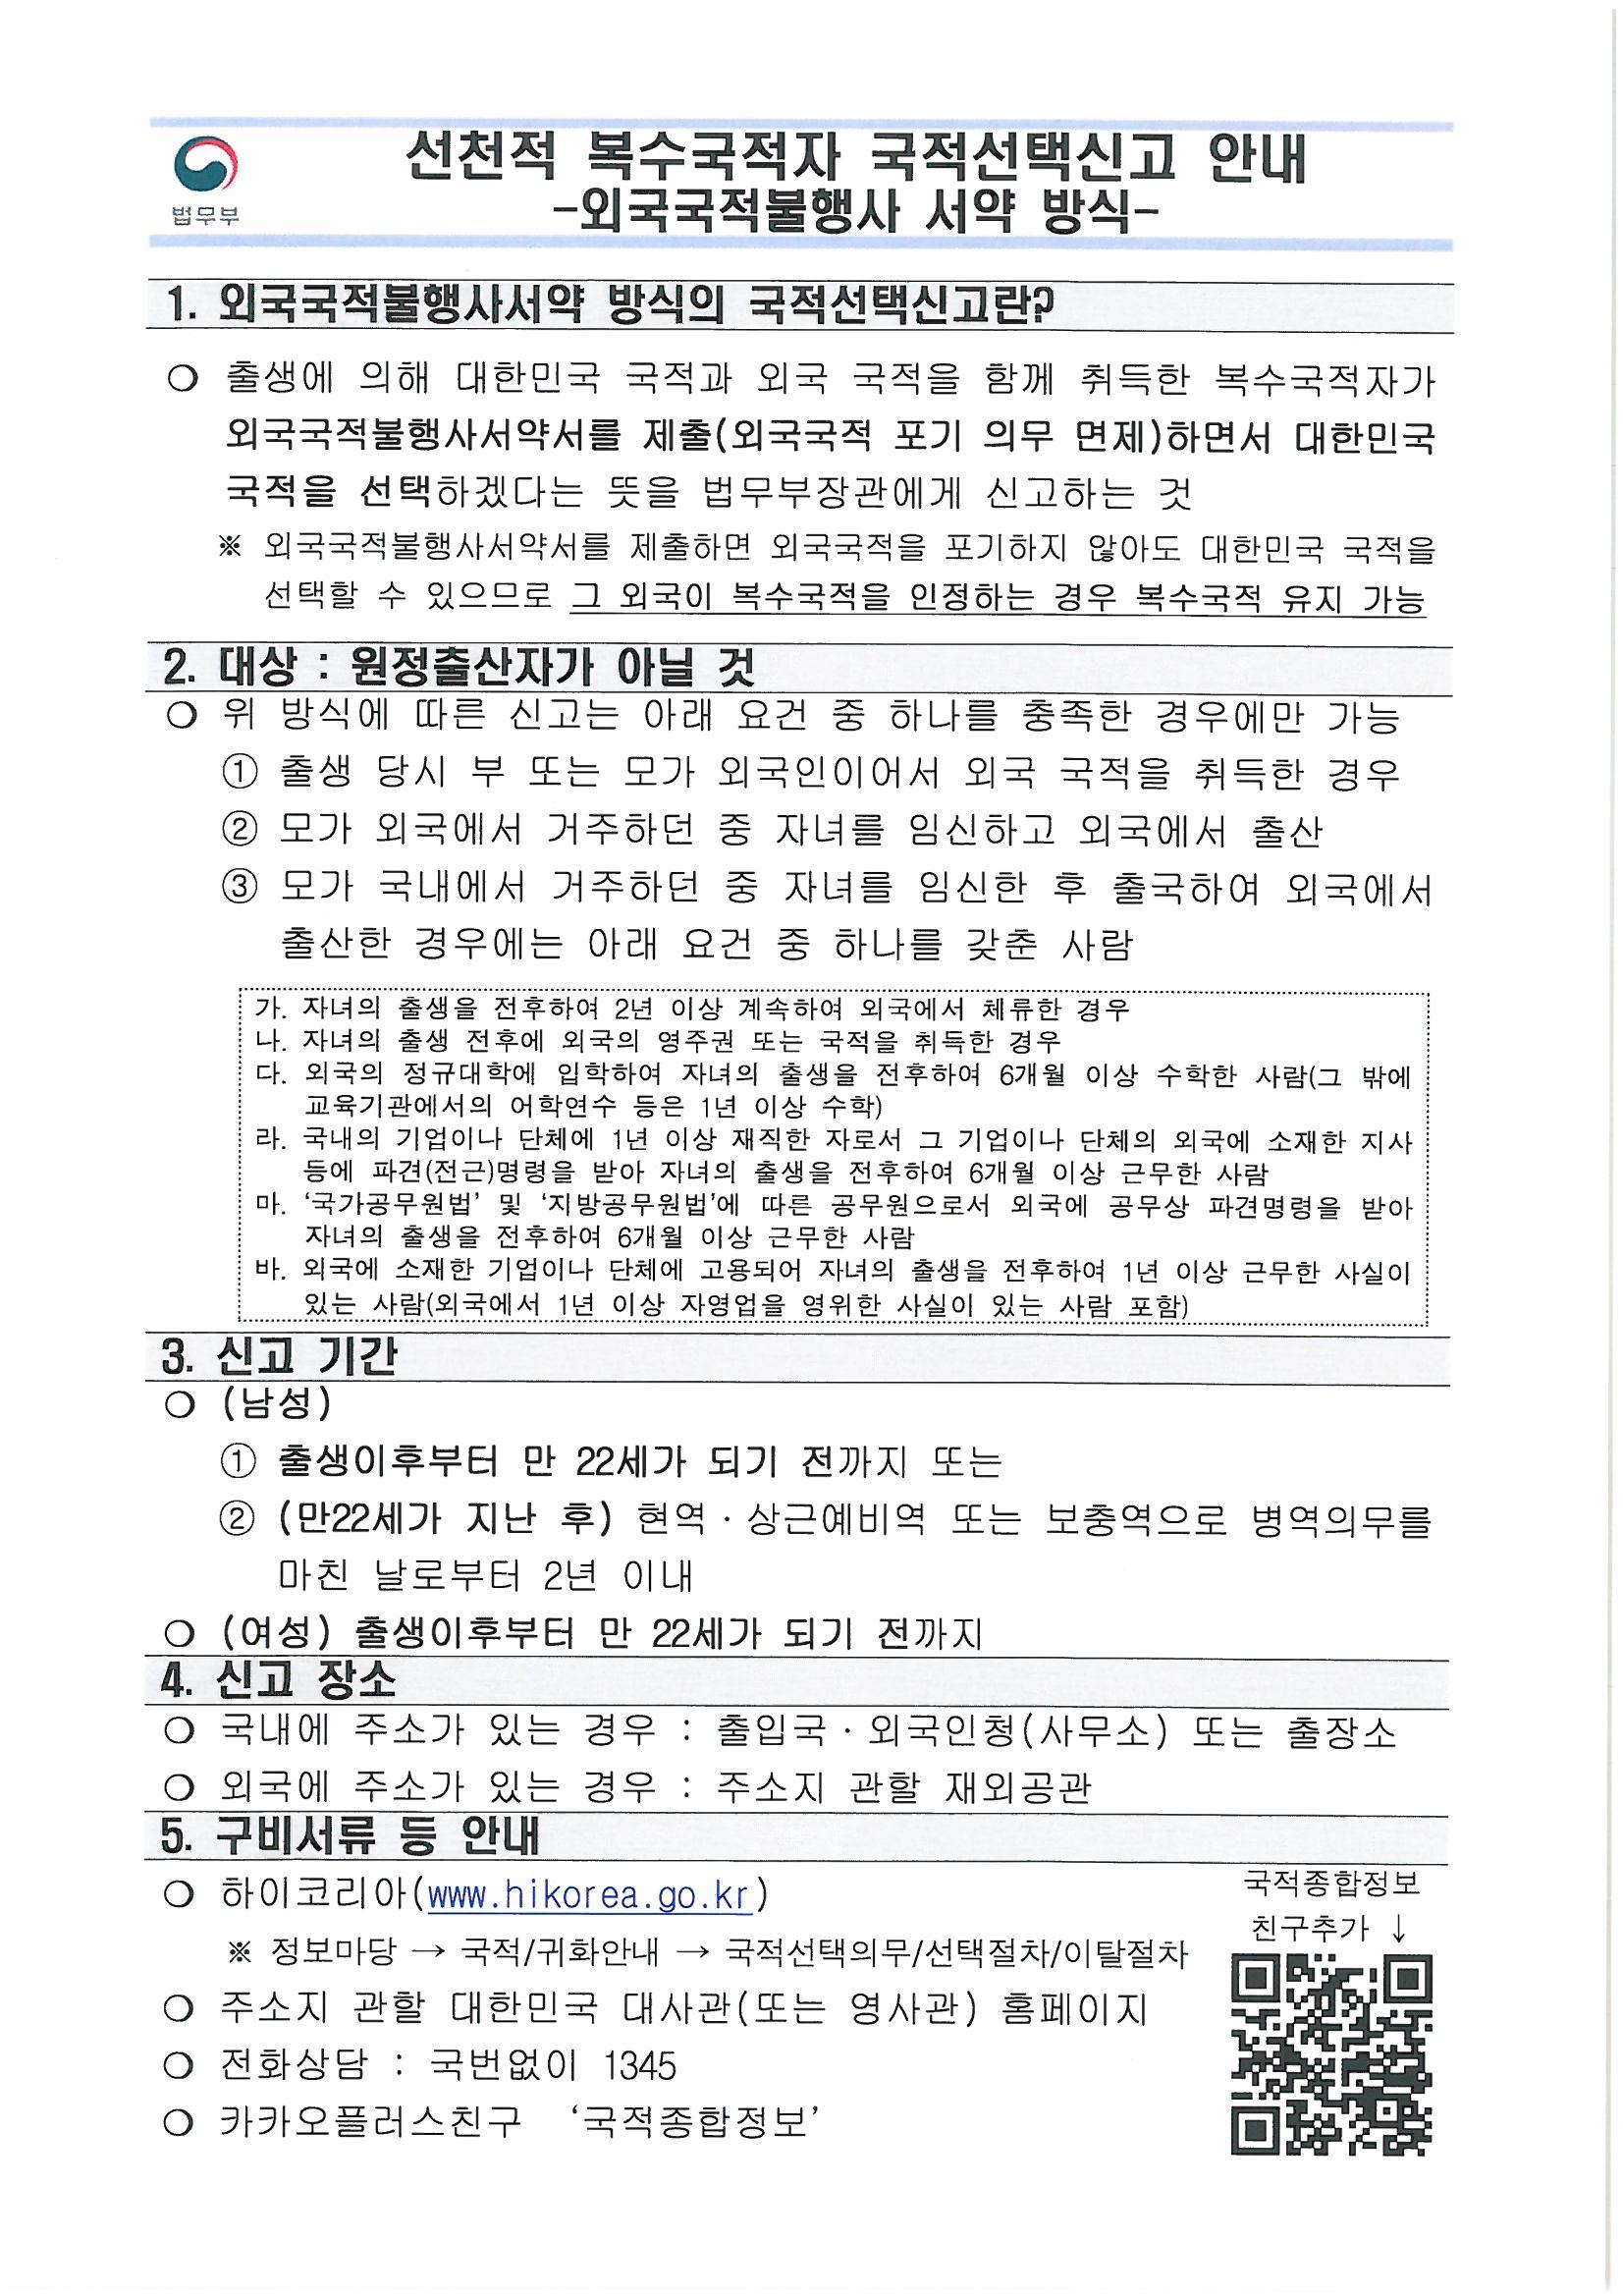 국적선택 홍보 자료(한인회장님)_페이지_01.jpg